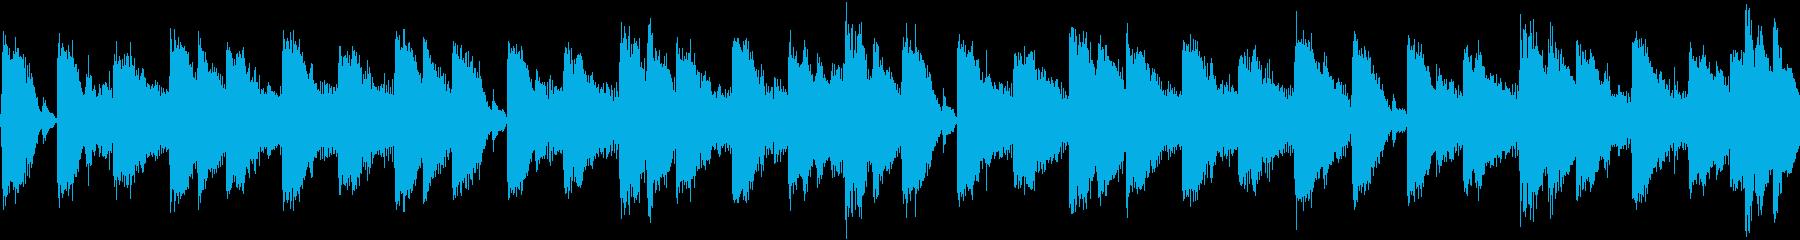 80年代のテクノポップ風ジングル_ループの再生済みの波形